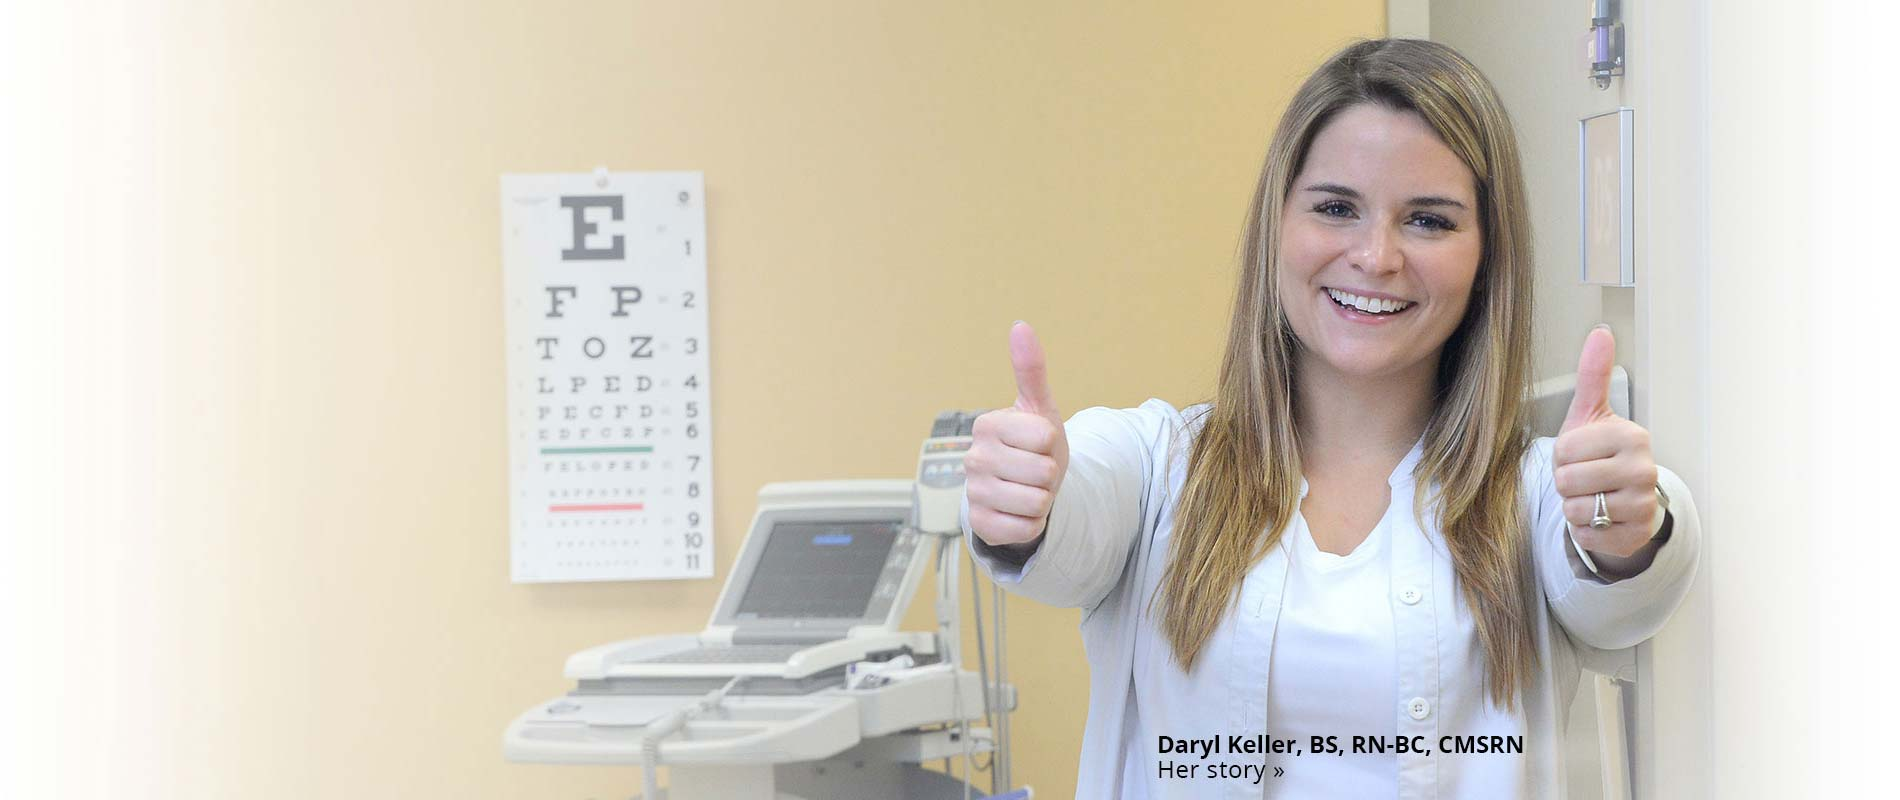 Daryl Keller RN in eye testing room